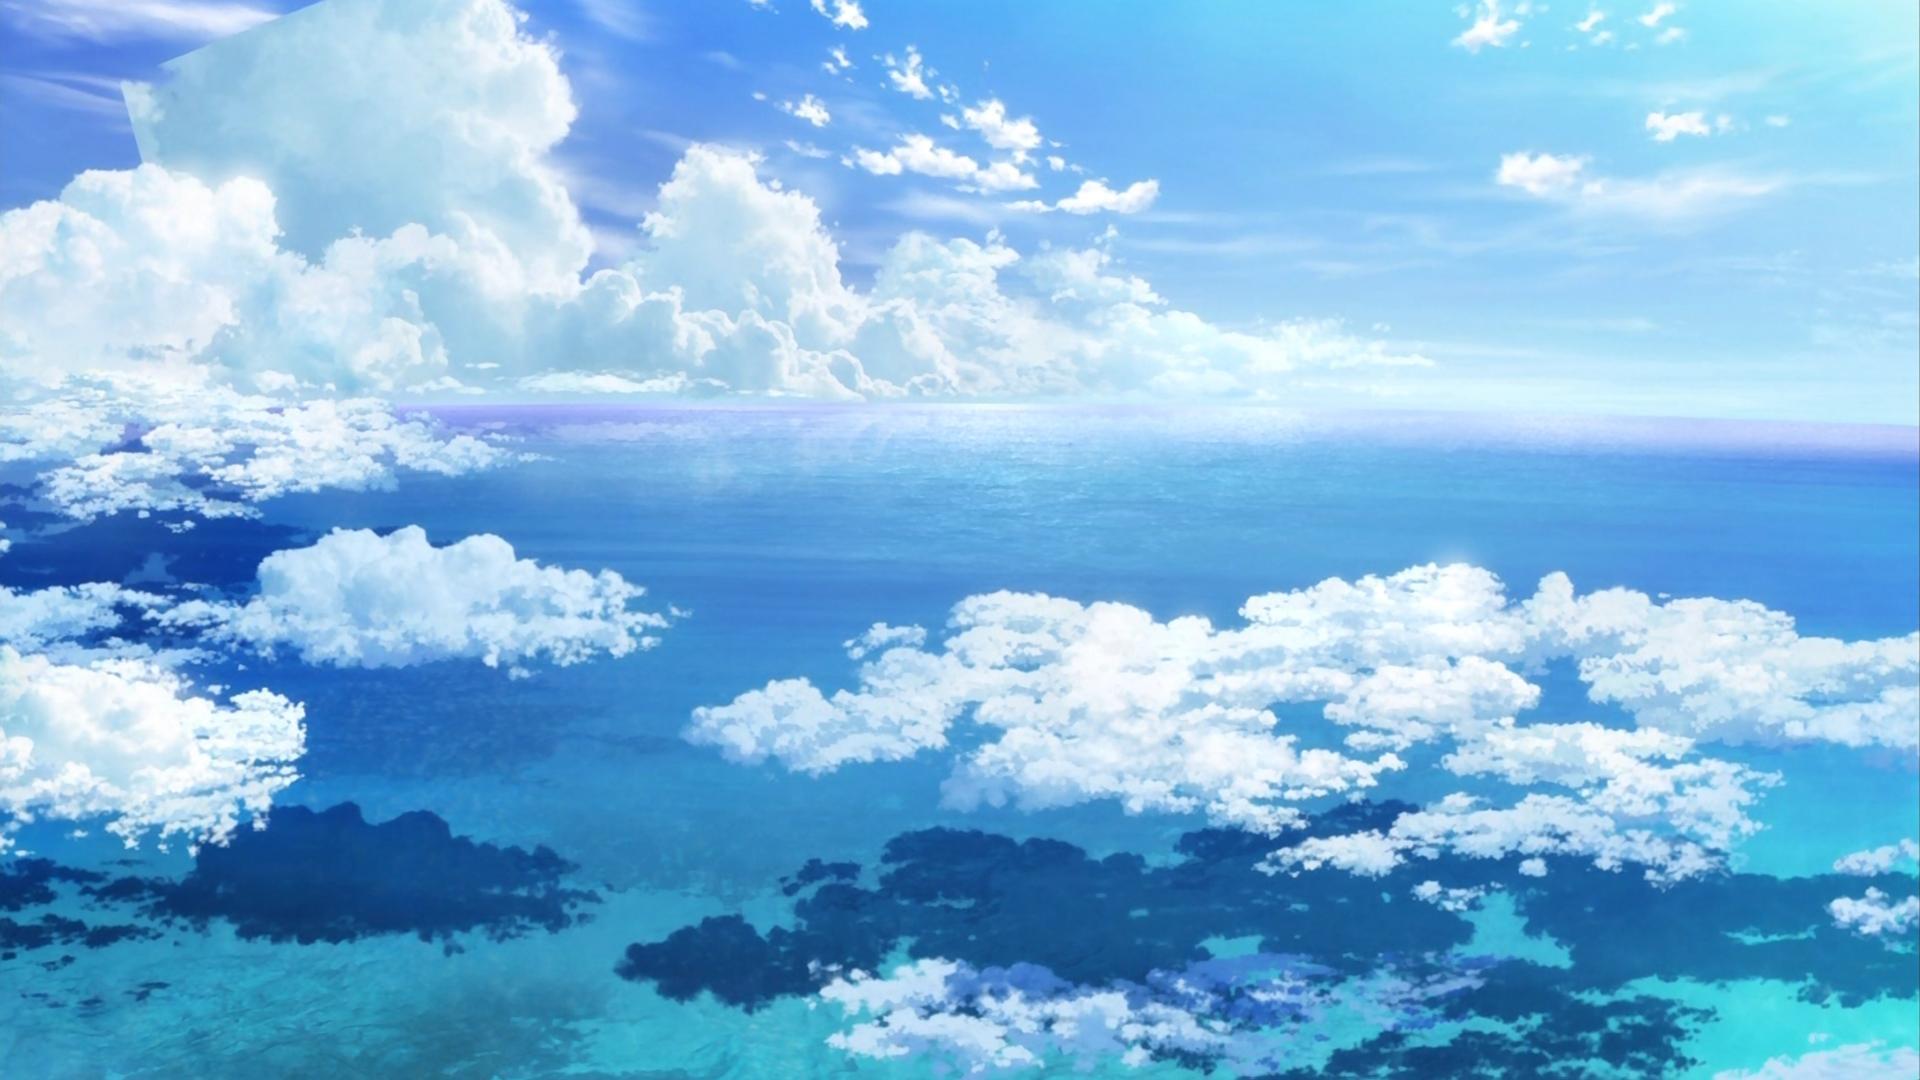 Skyscape Wallpaper